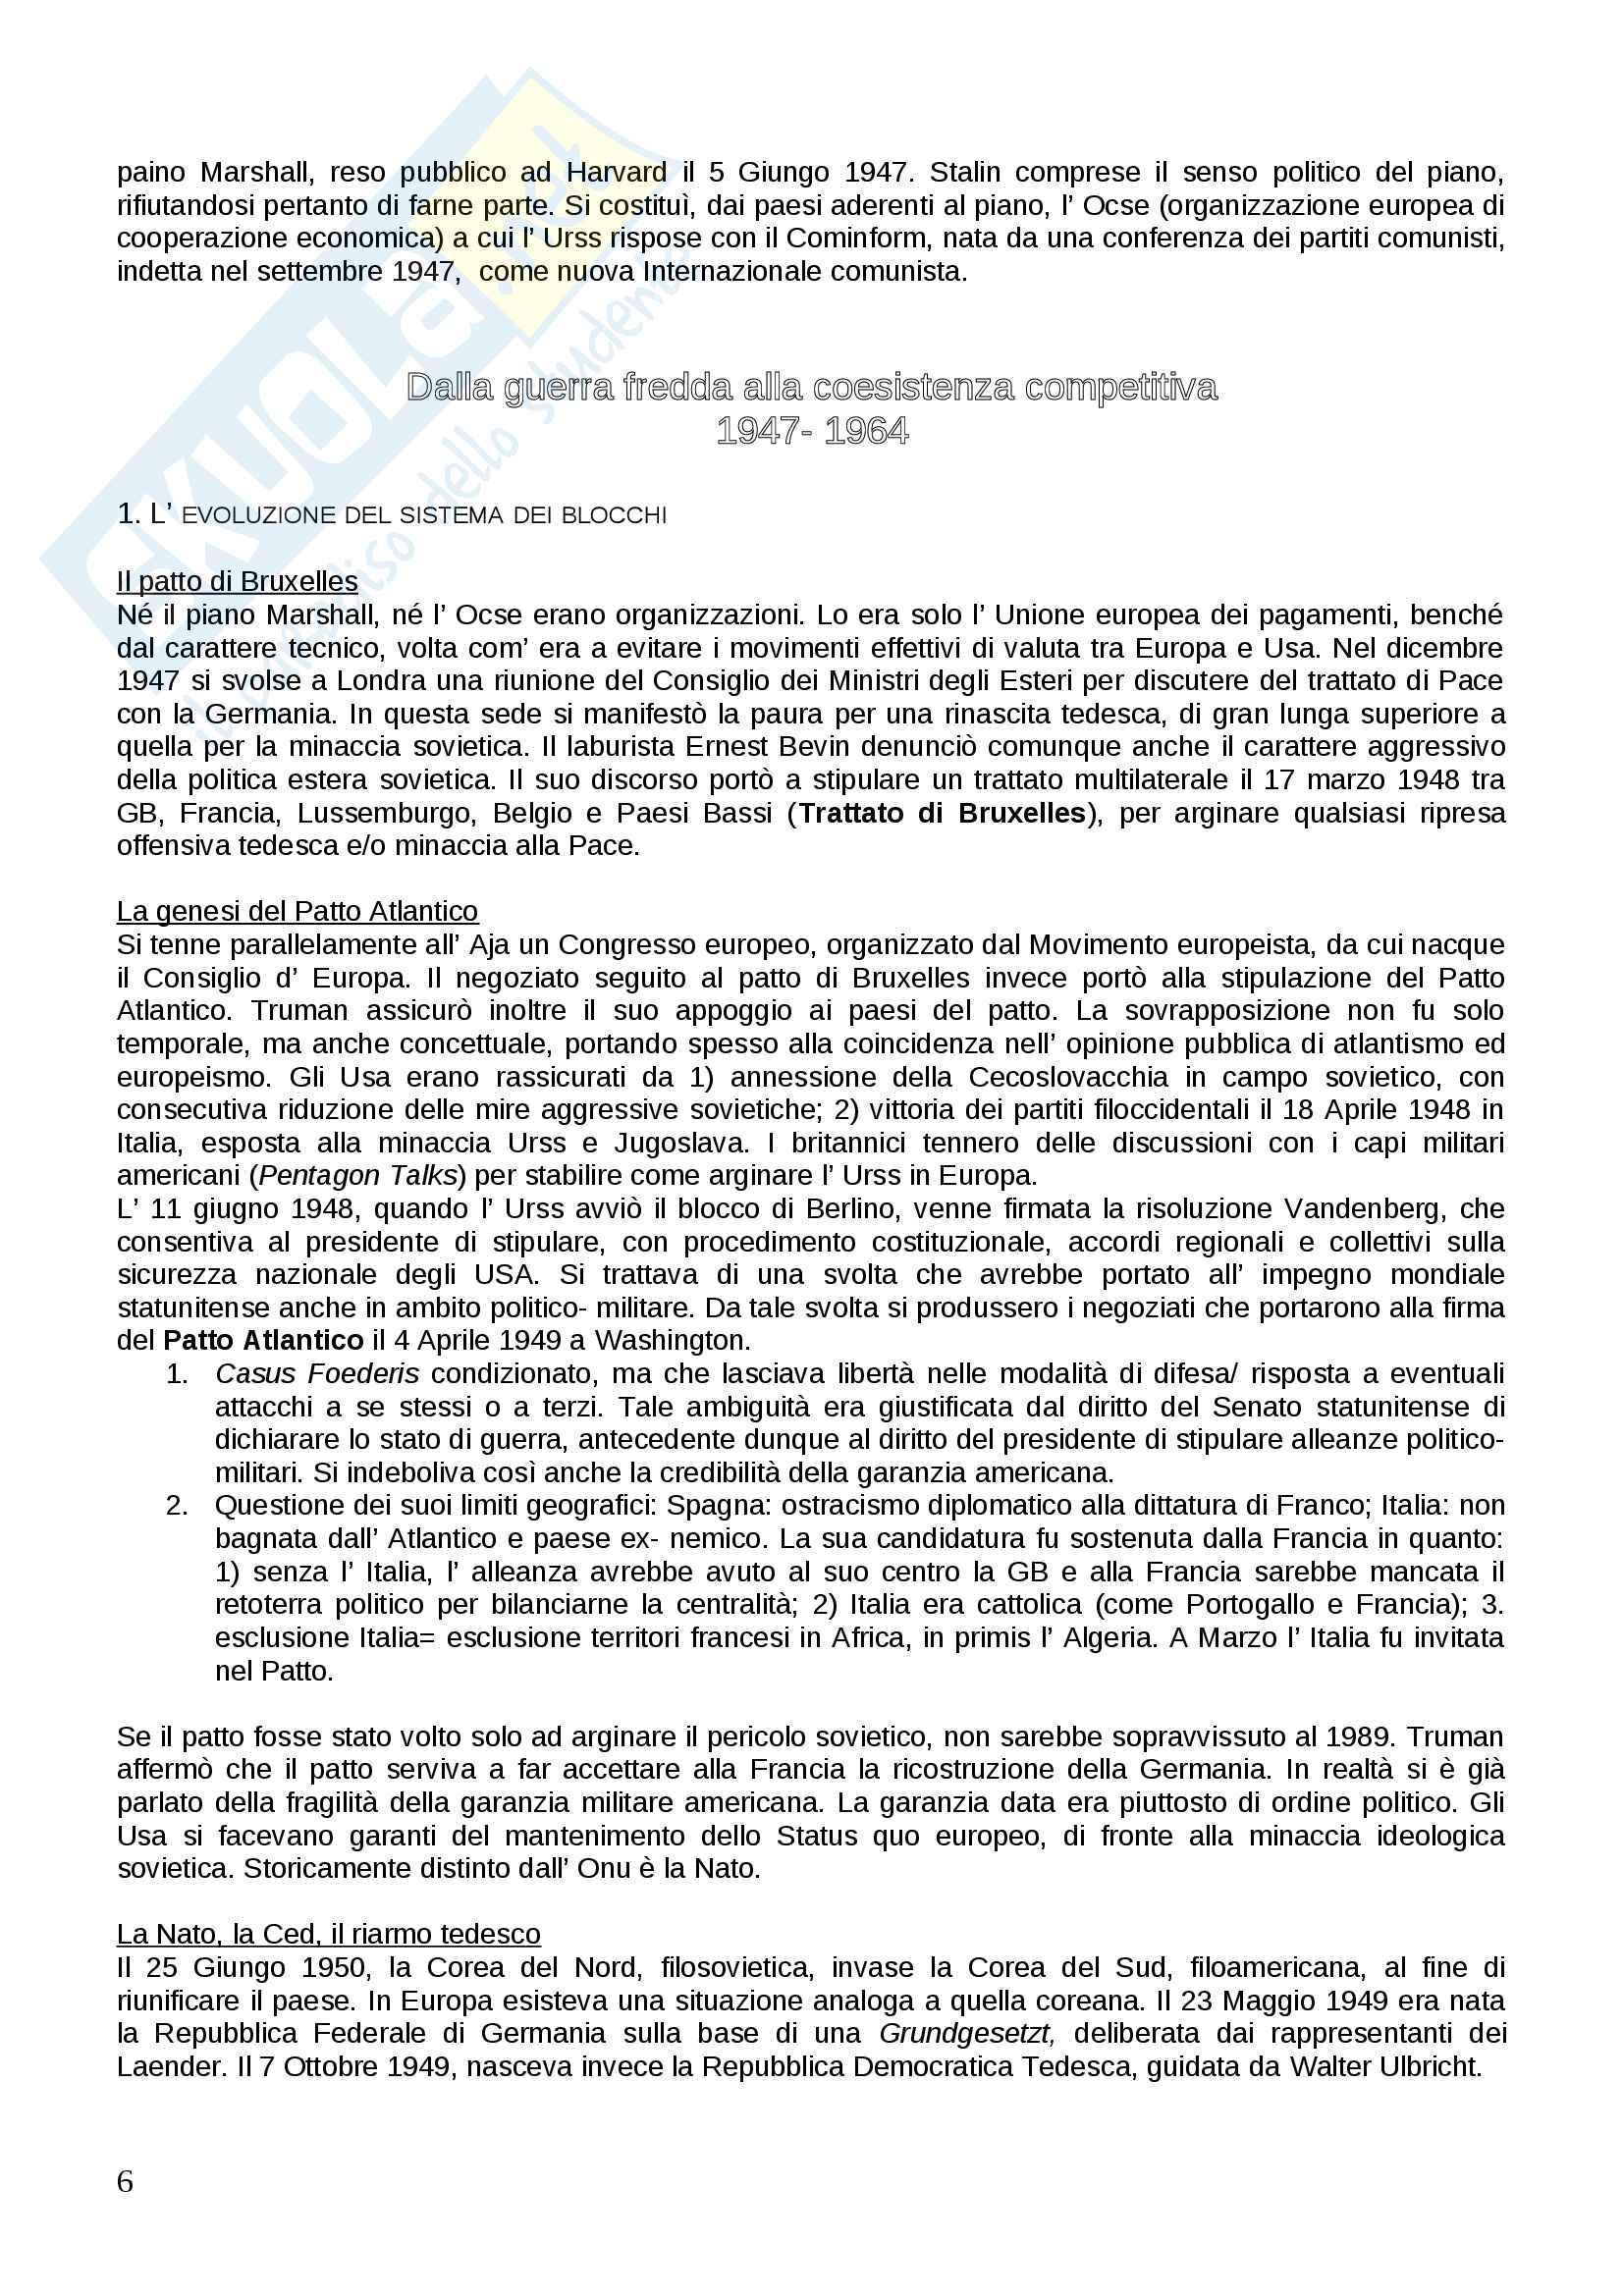 Storia Relazioni Int. dal 1941 a oggi Pag. 6